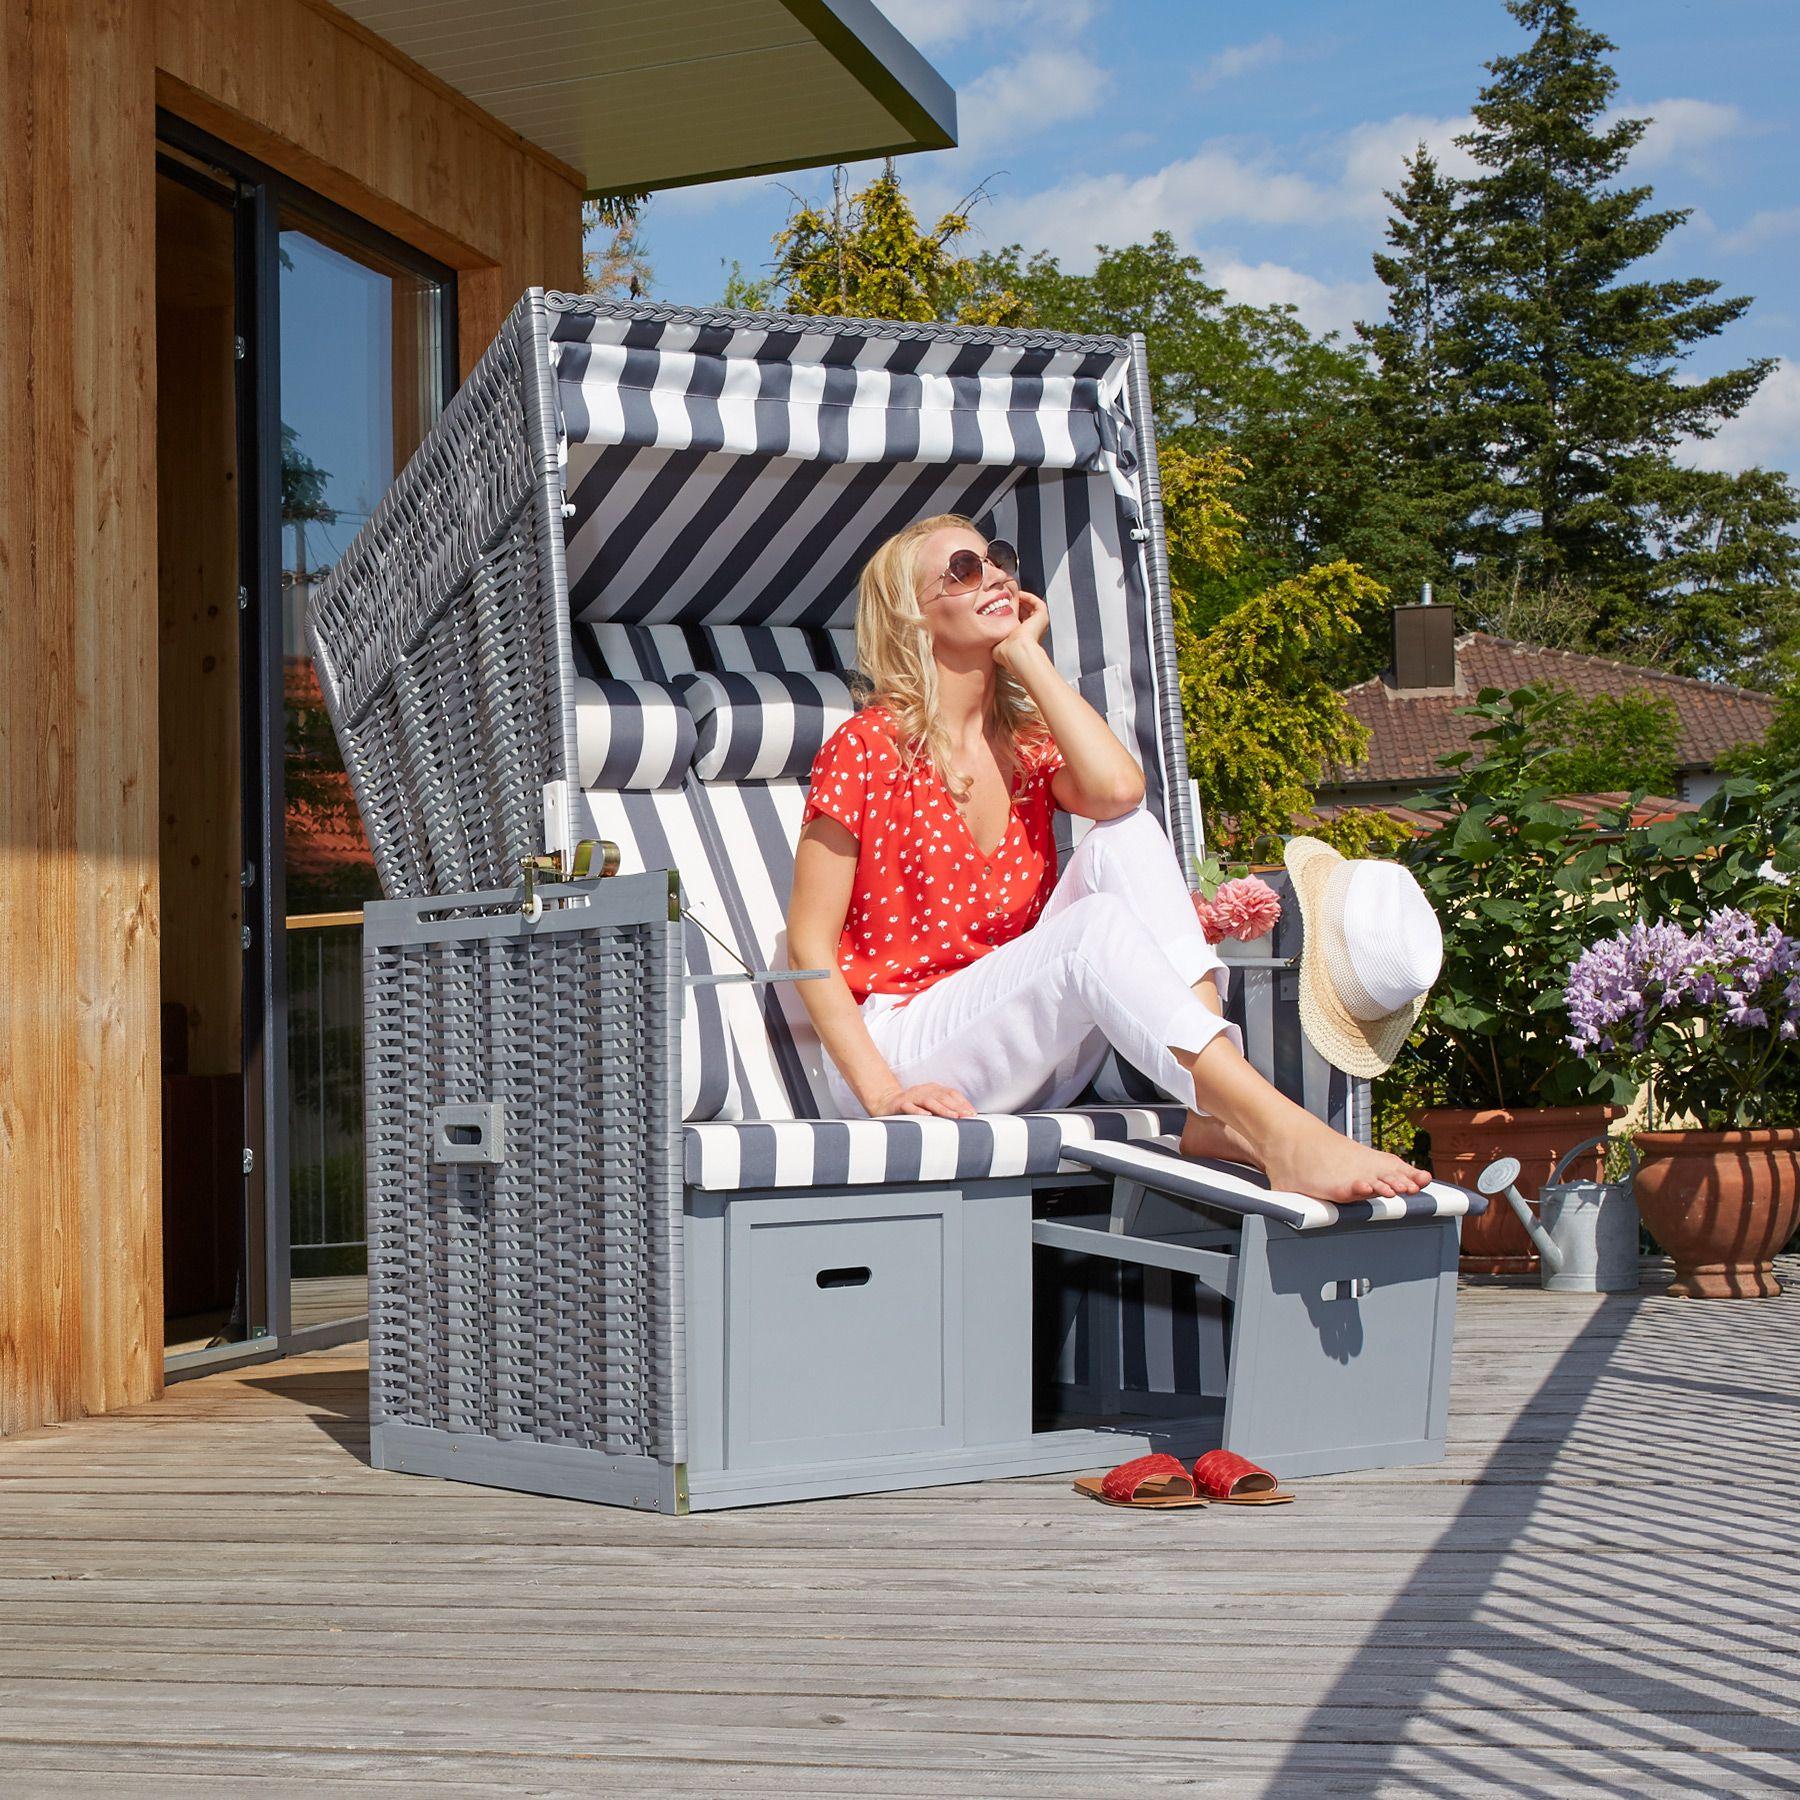 strandkorb volllieger xxl rugbyclubeemland. Black Bedroom Furniture Sets. Home Design Ideas